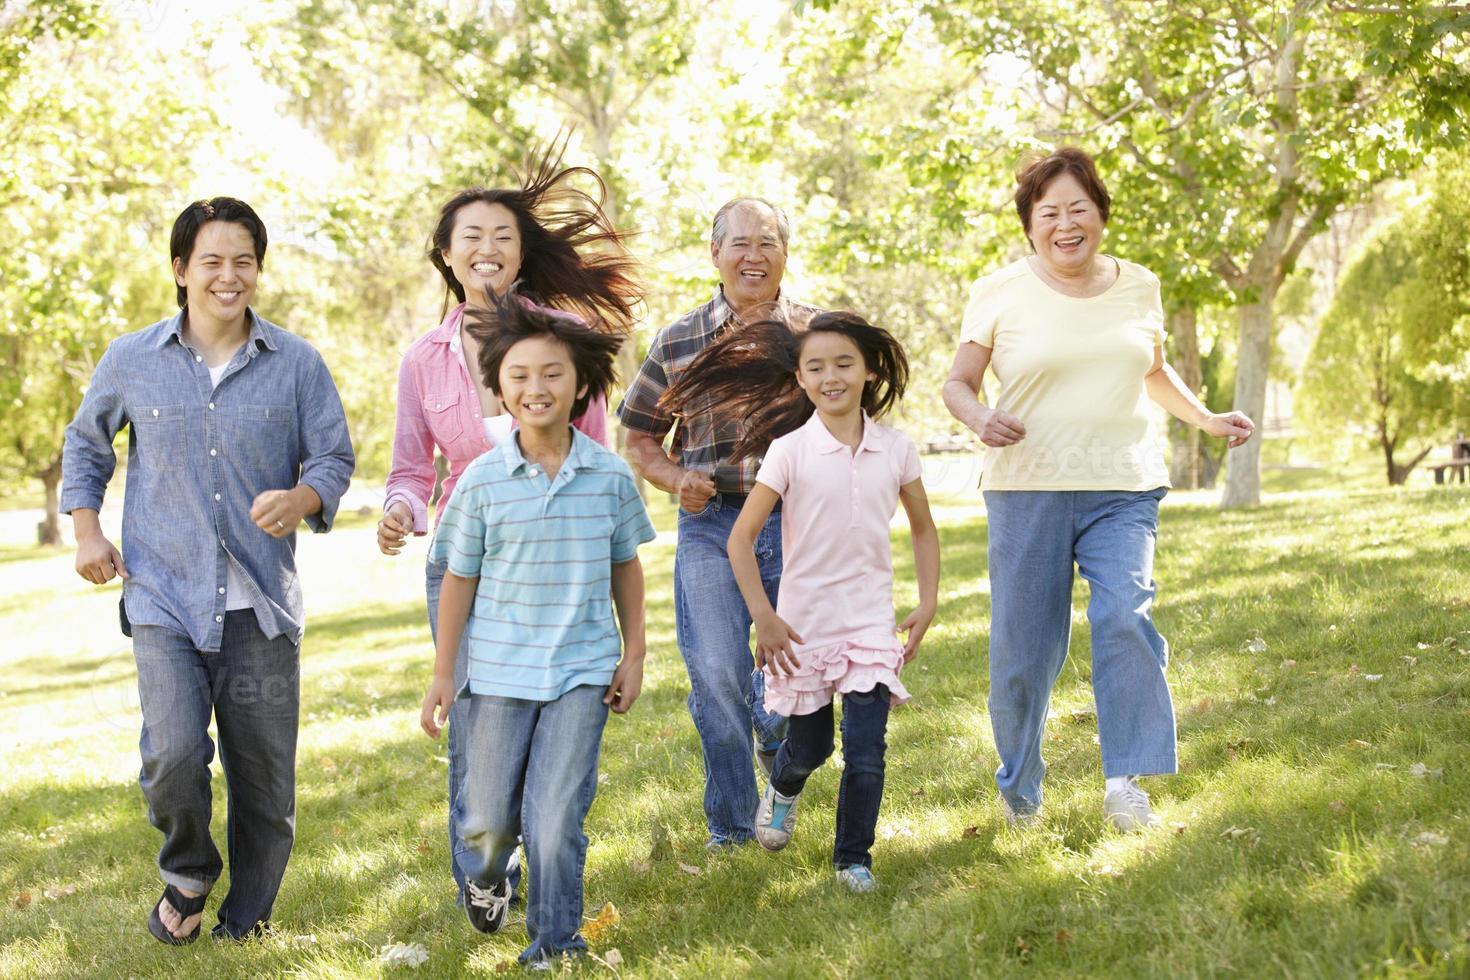 famiglia asiatica di diverse generazioni in esecuzione nel parco foto